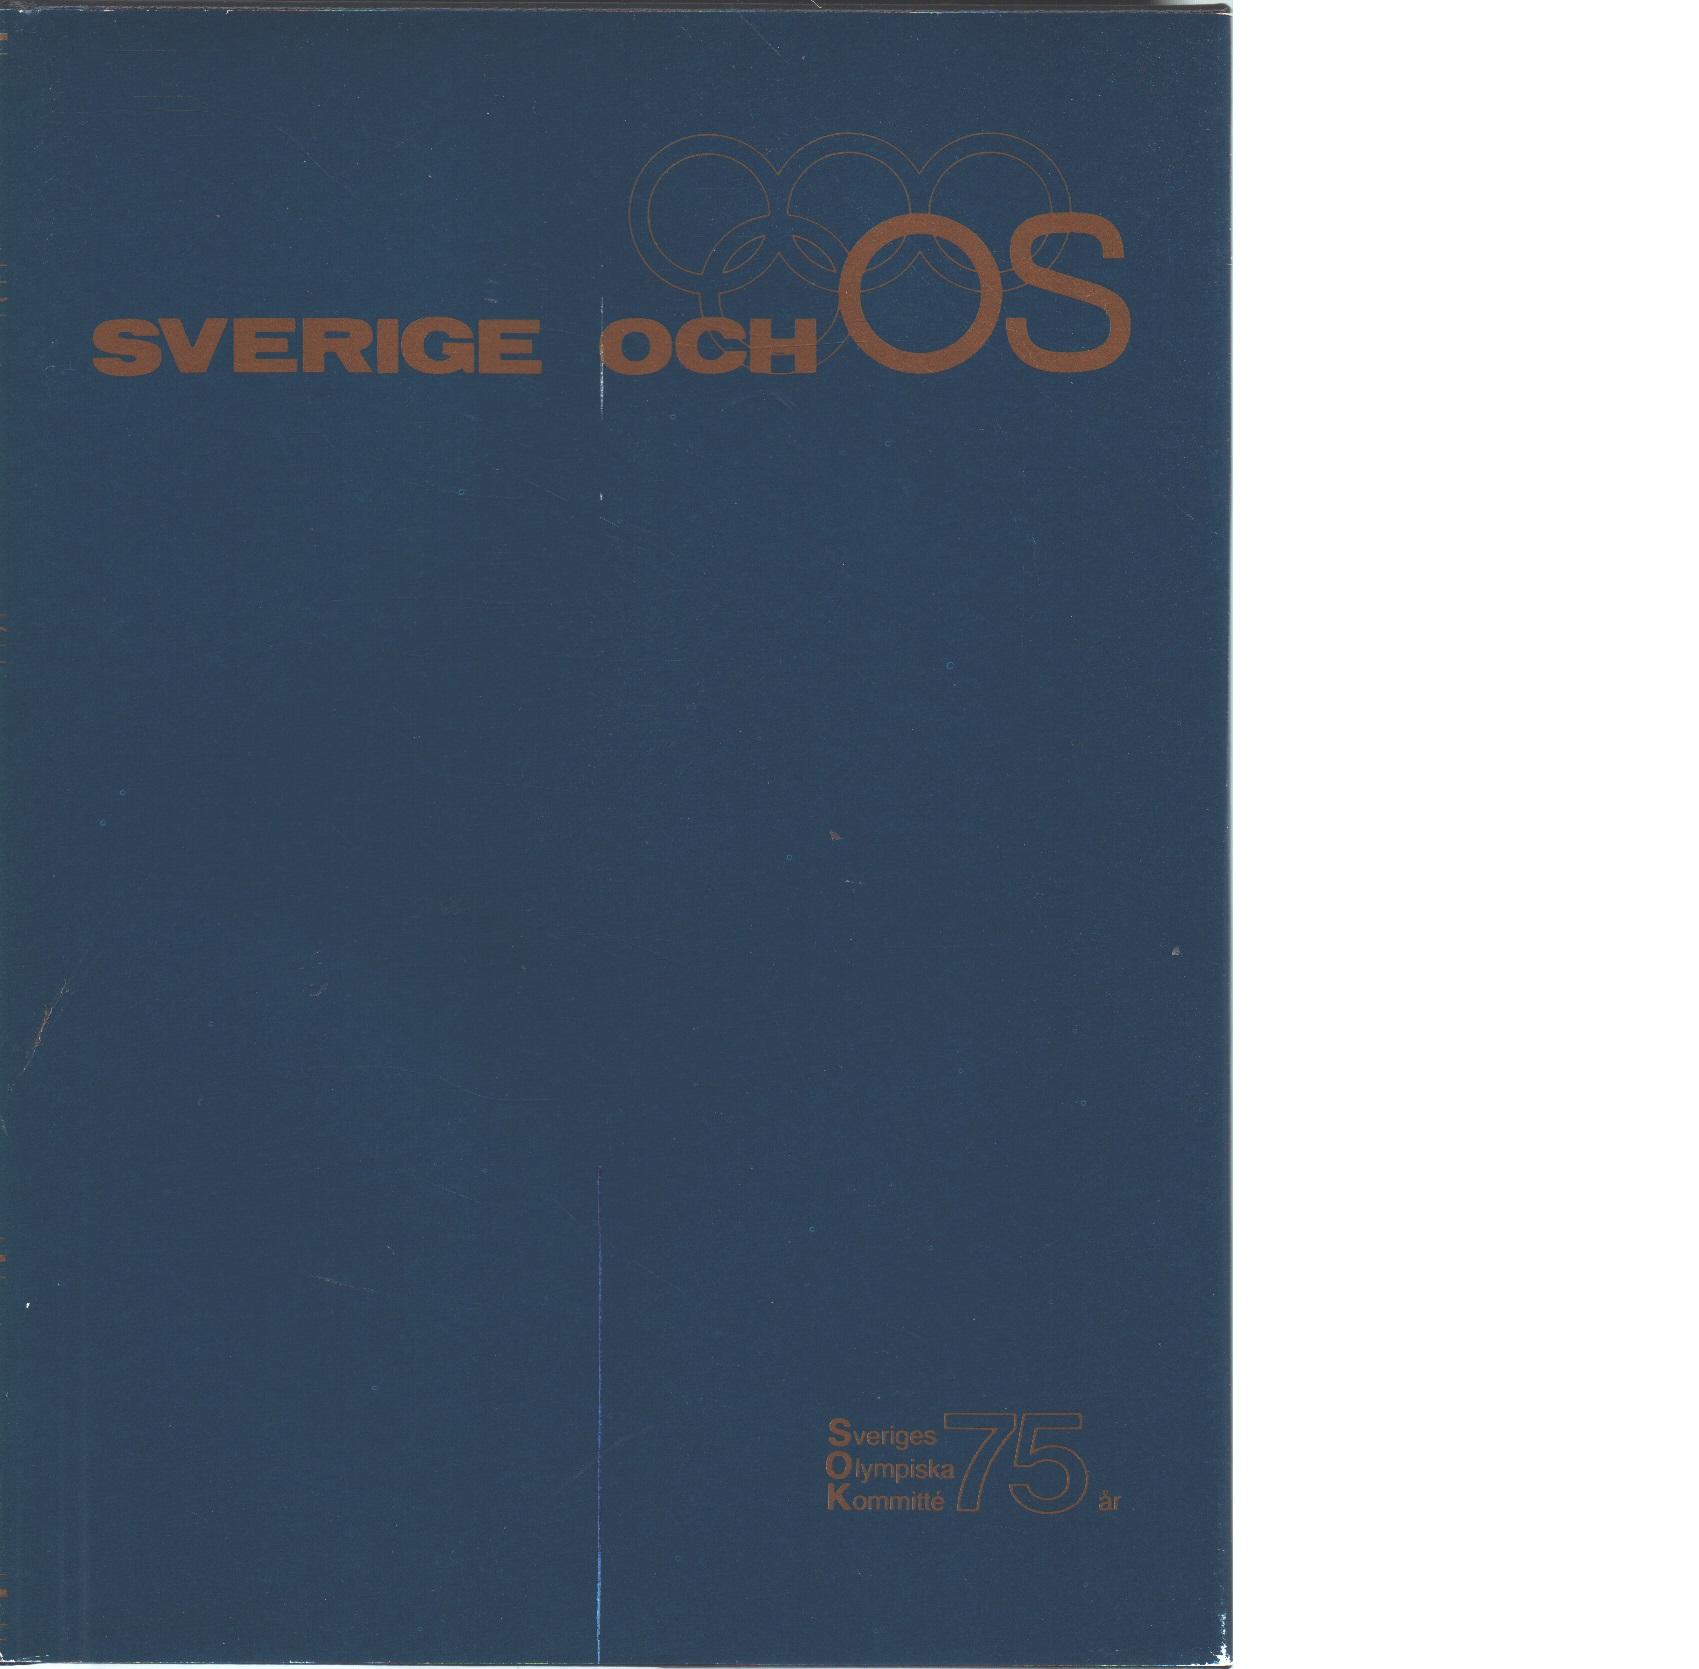 Sverige och OS : Sveriges olympiska kommitté 75 år - Red.